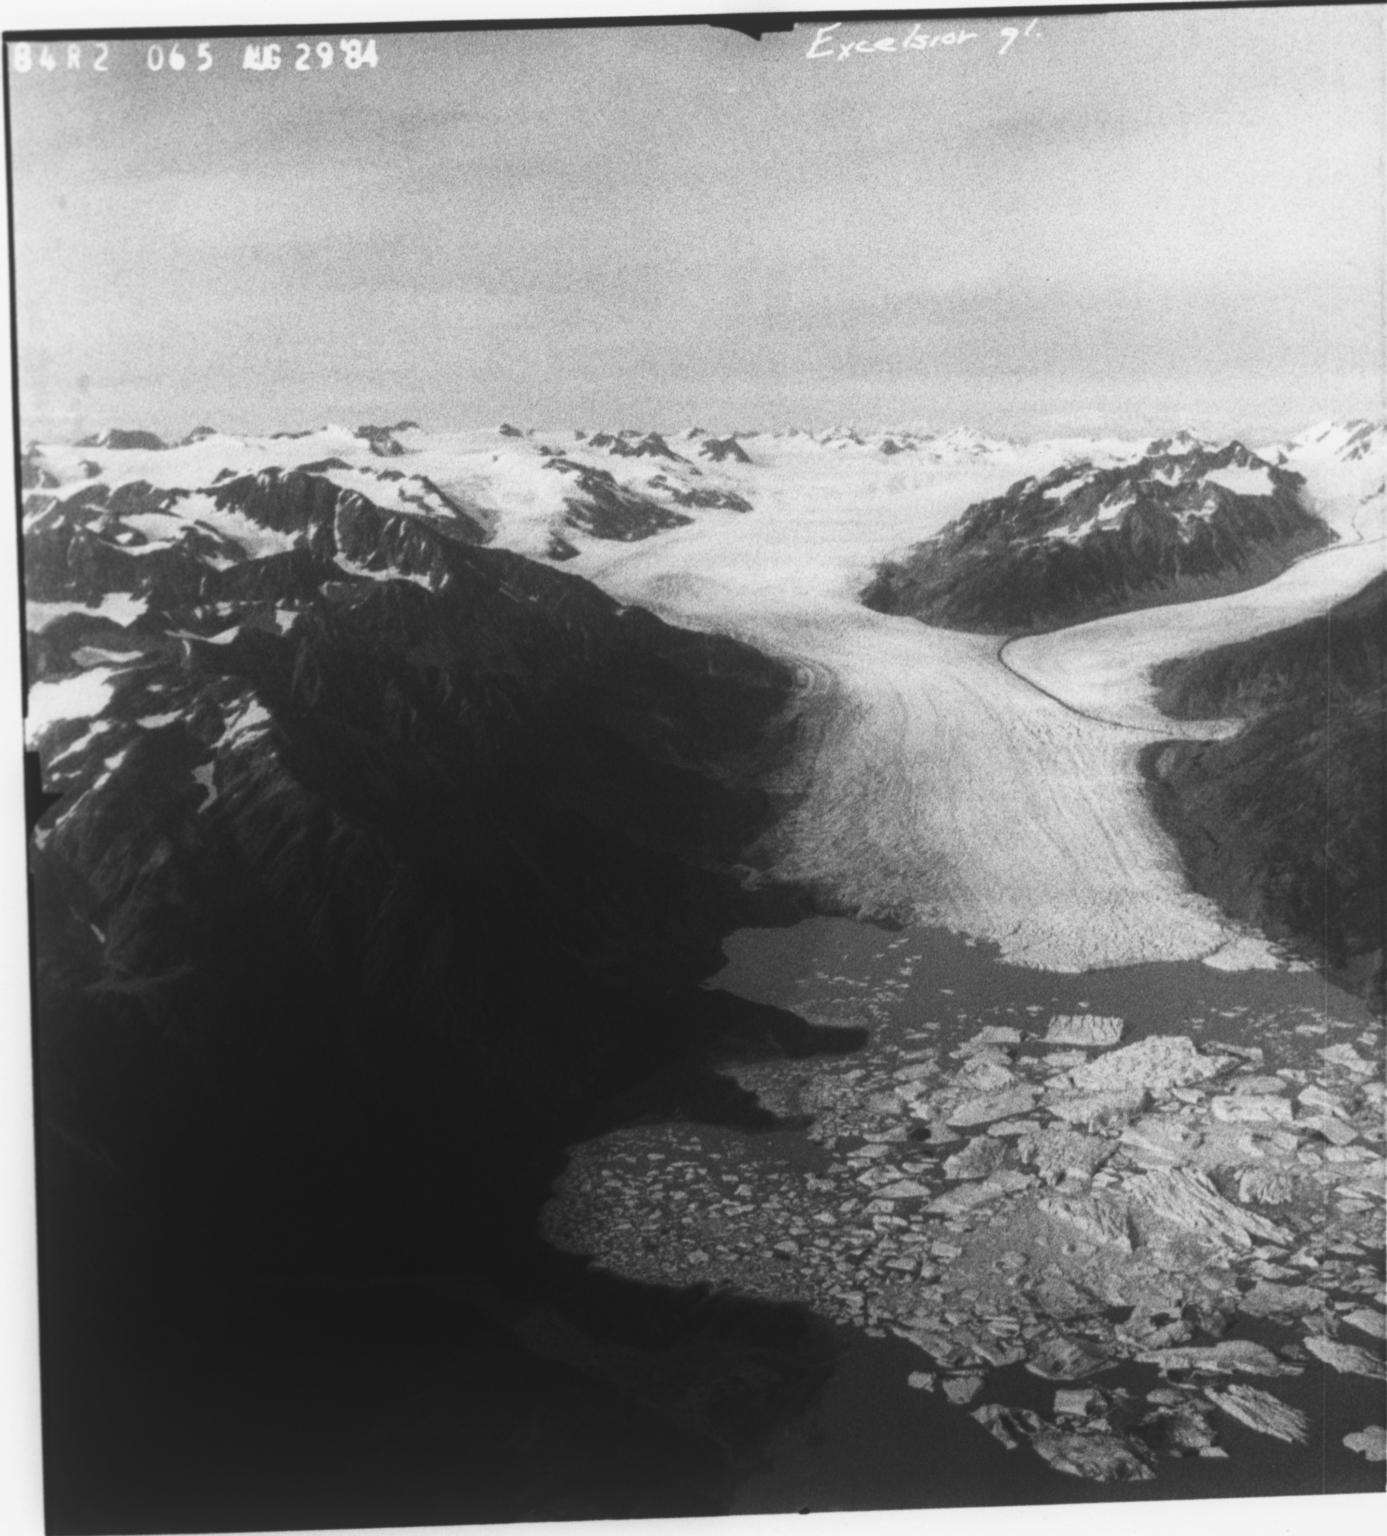 Excelsior Glacier, Alaska, United States